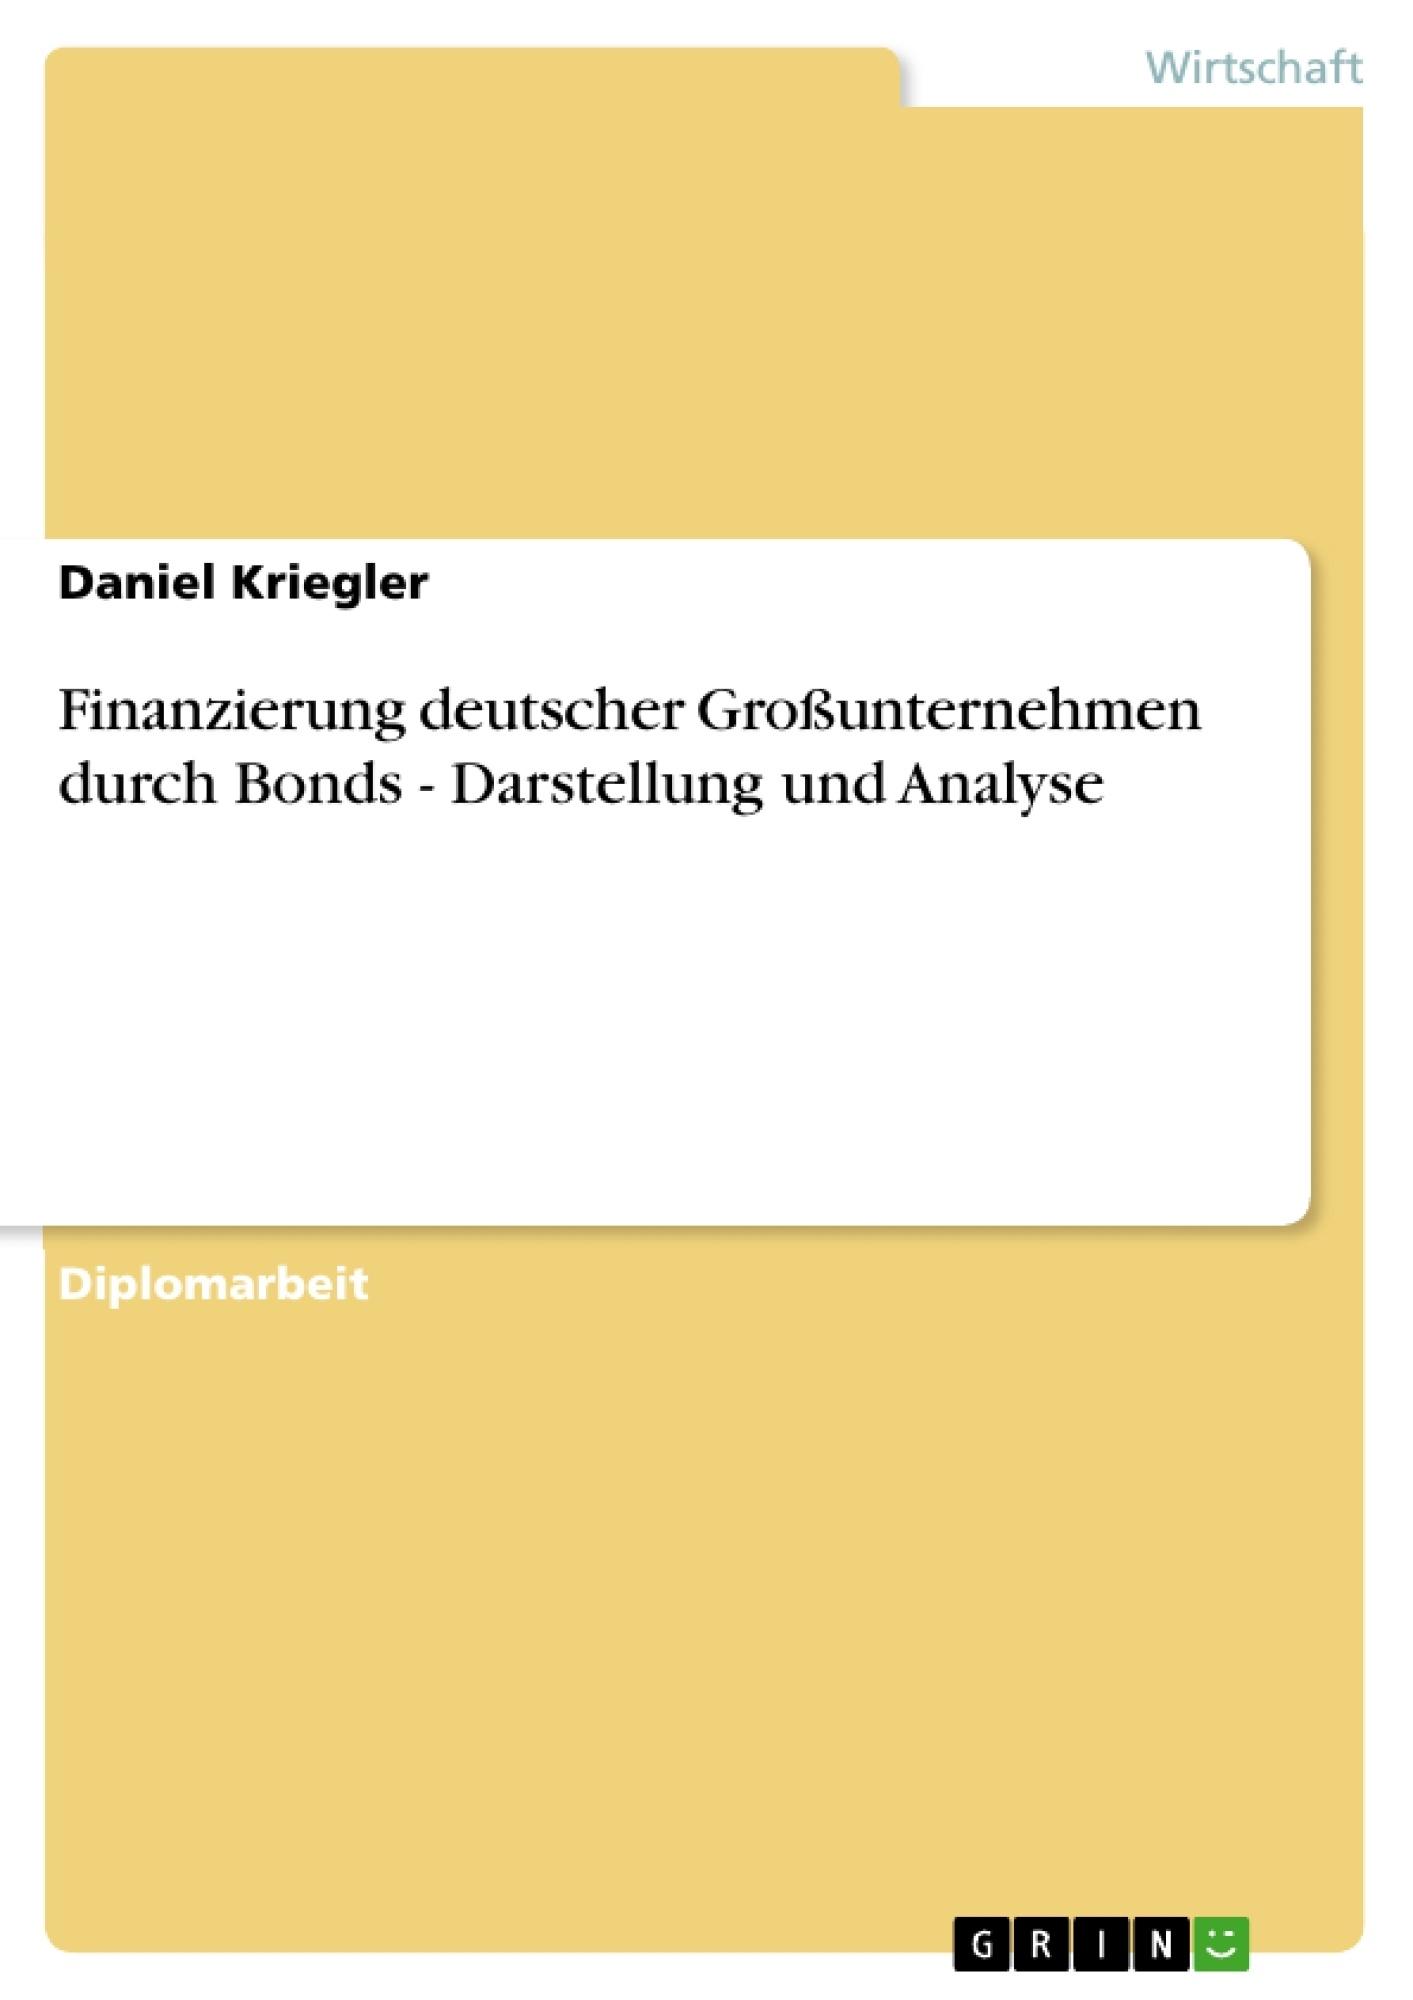 Titel: Finanzierung deutscher Großunternehmen durch Bonds - Darstellung und Analyse